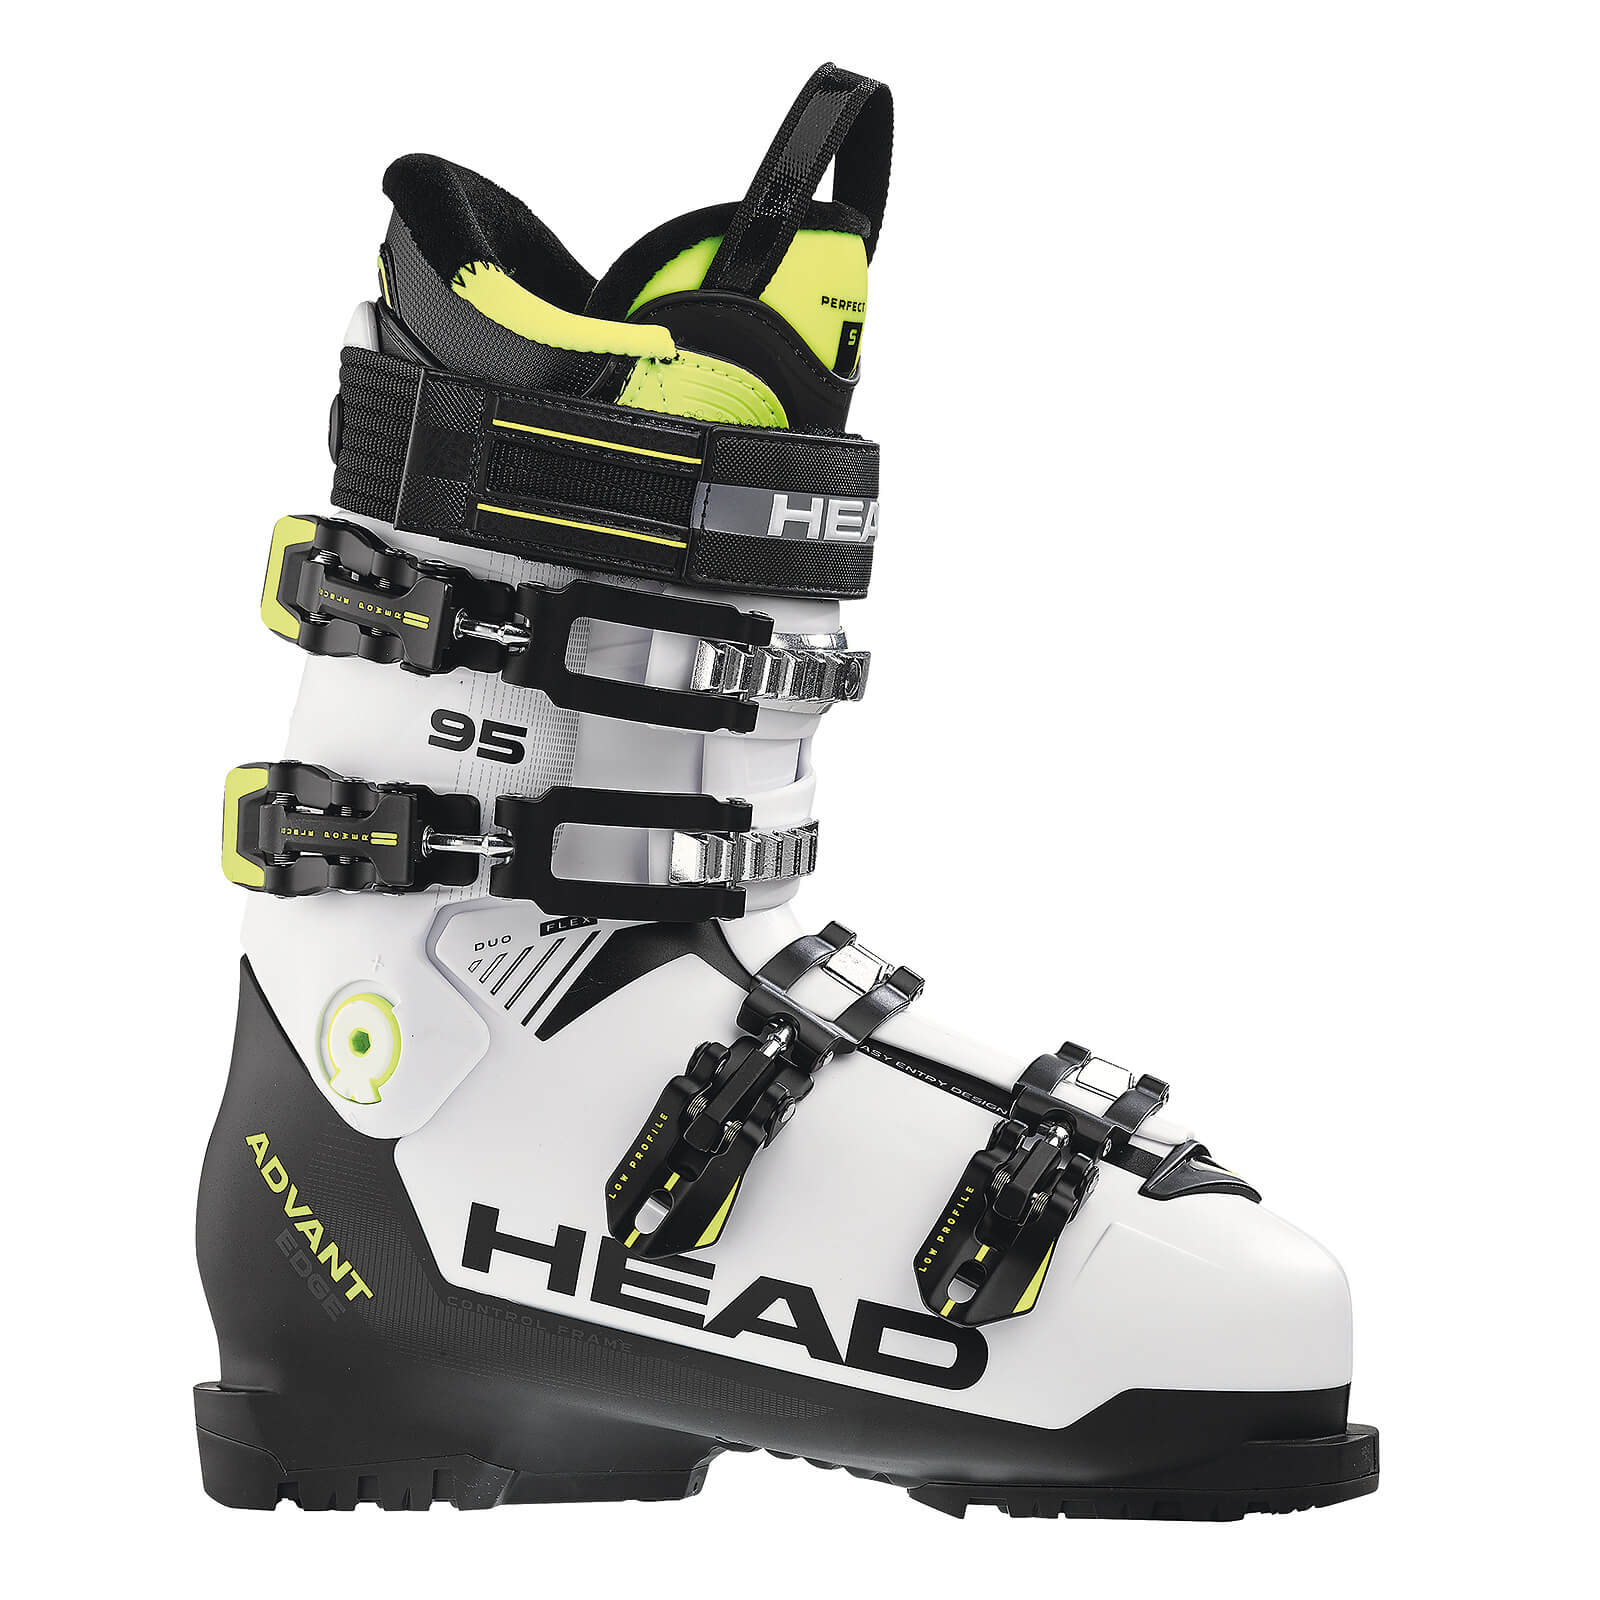 Купить горнолыжные ботинки в Санкт-Петербурге по доступной цене ... 530a6cf1fa8